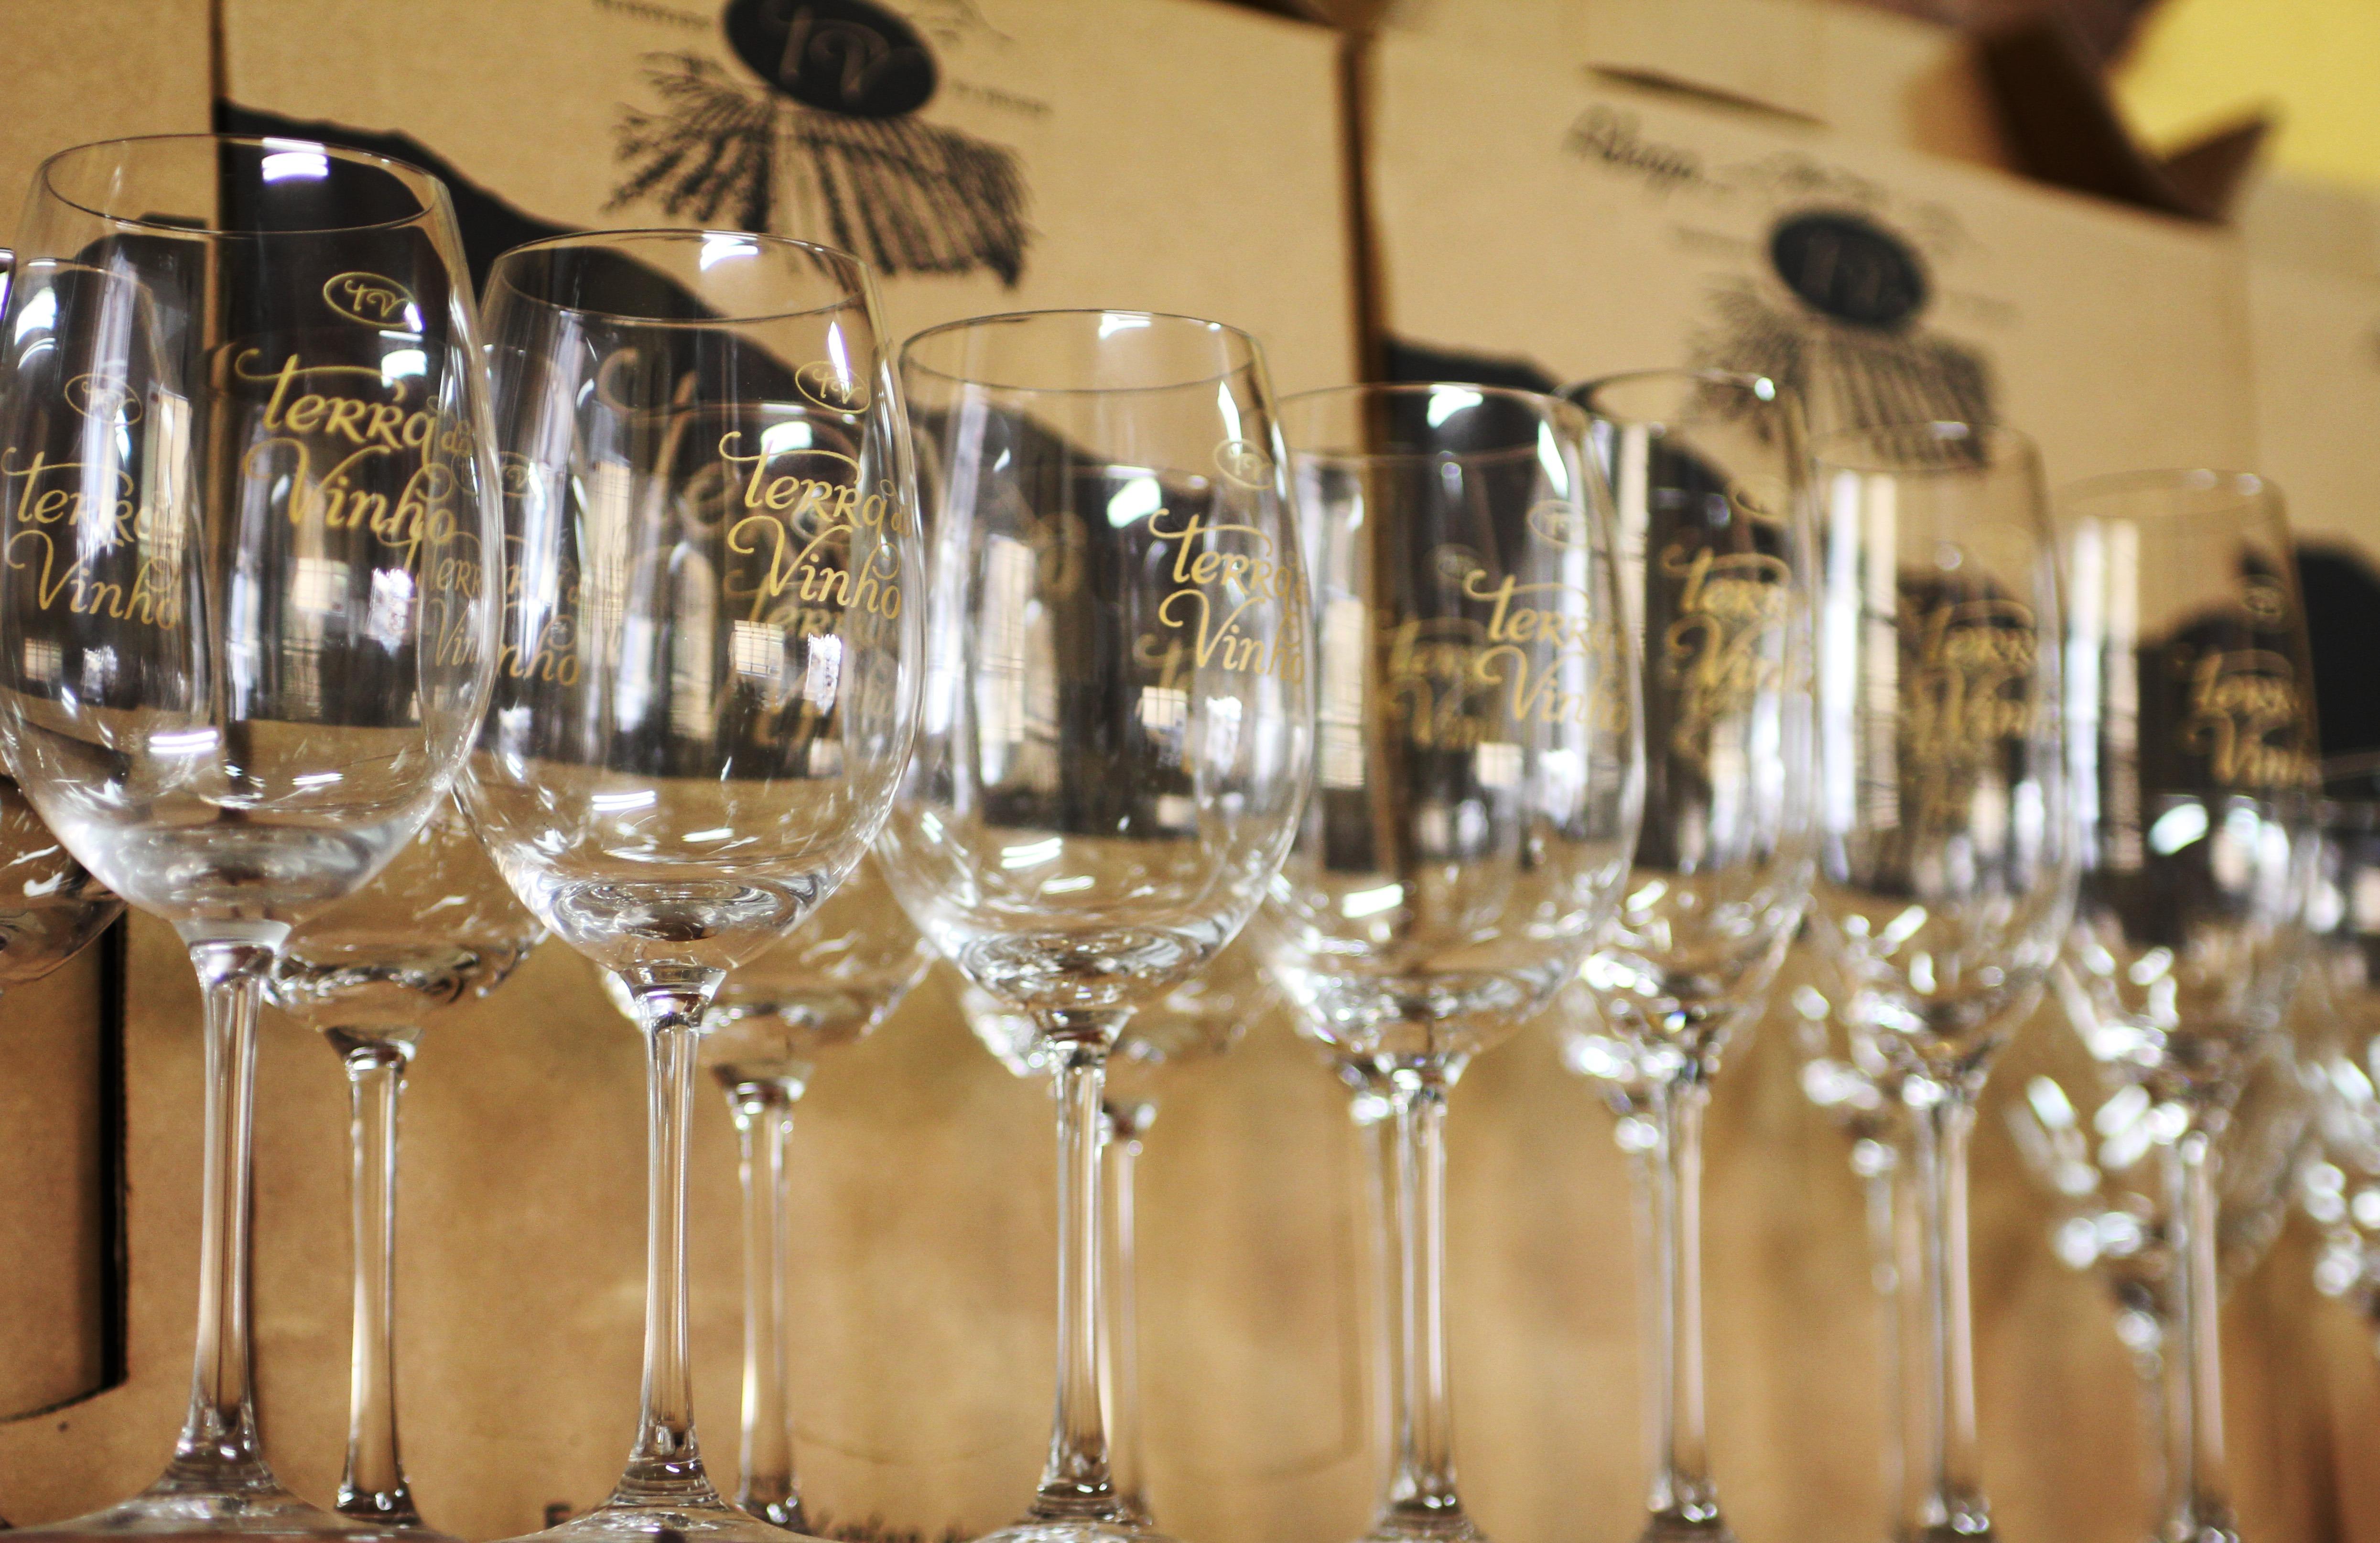 images gratuites du vin restaurant bol clairage verre de vin champagne un verre de vin. Black Bedroom Furniture Sets. Home Design Ideas